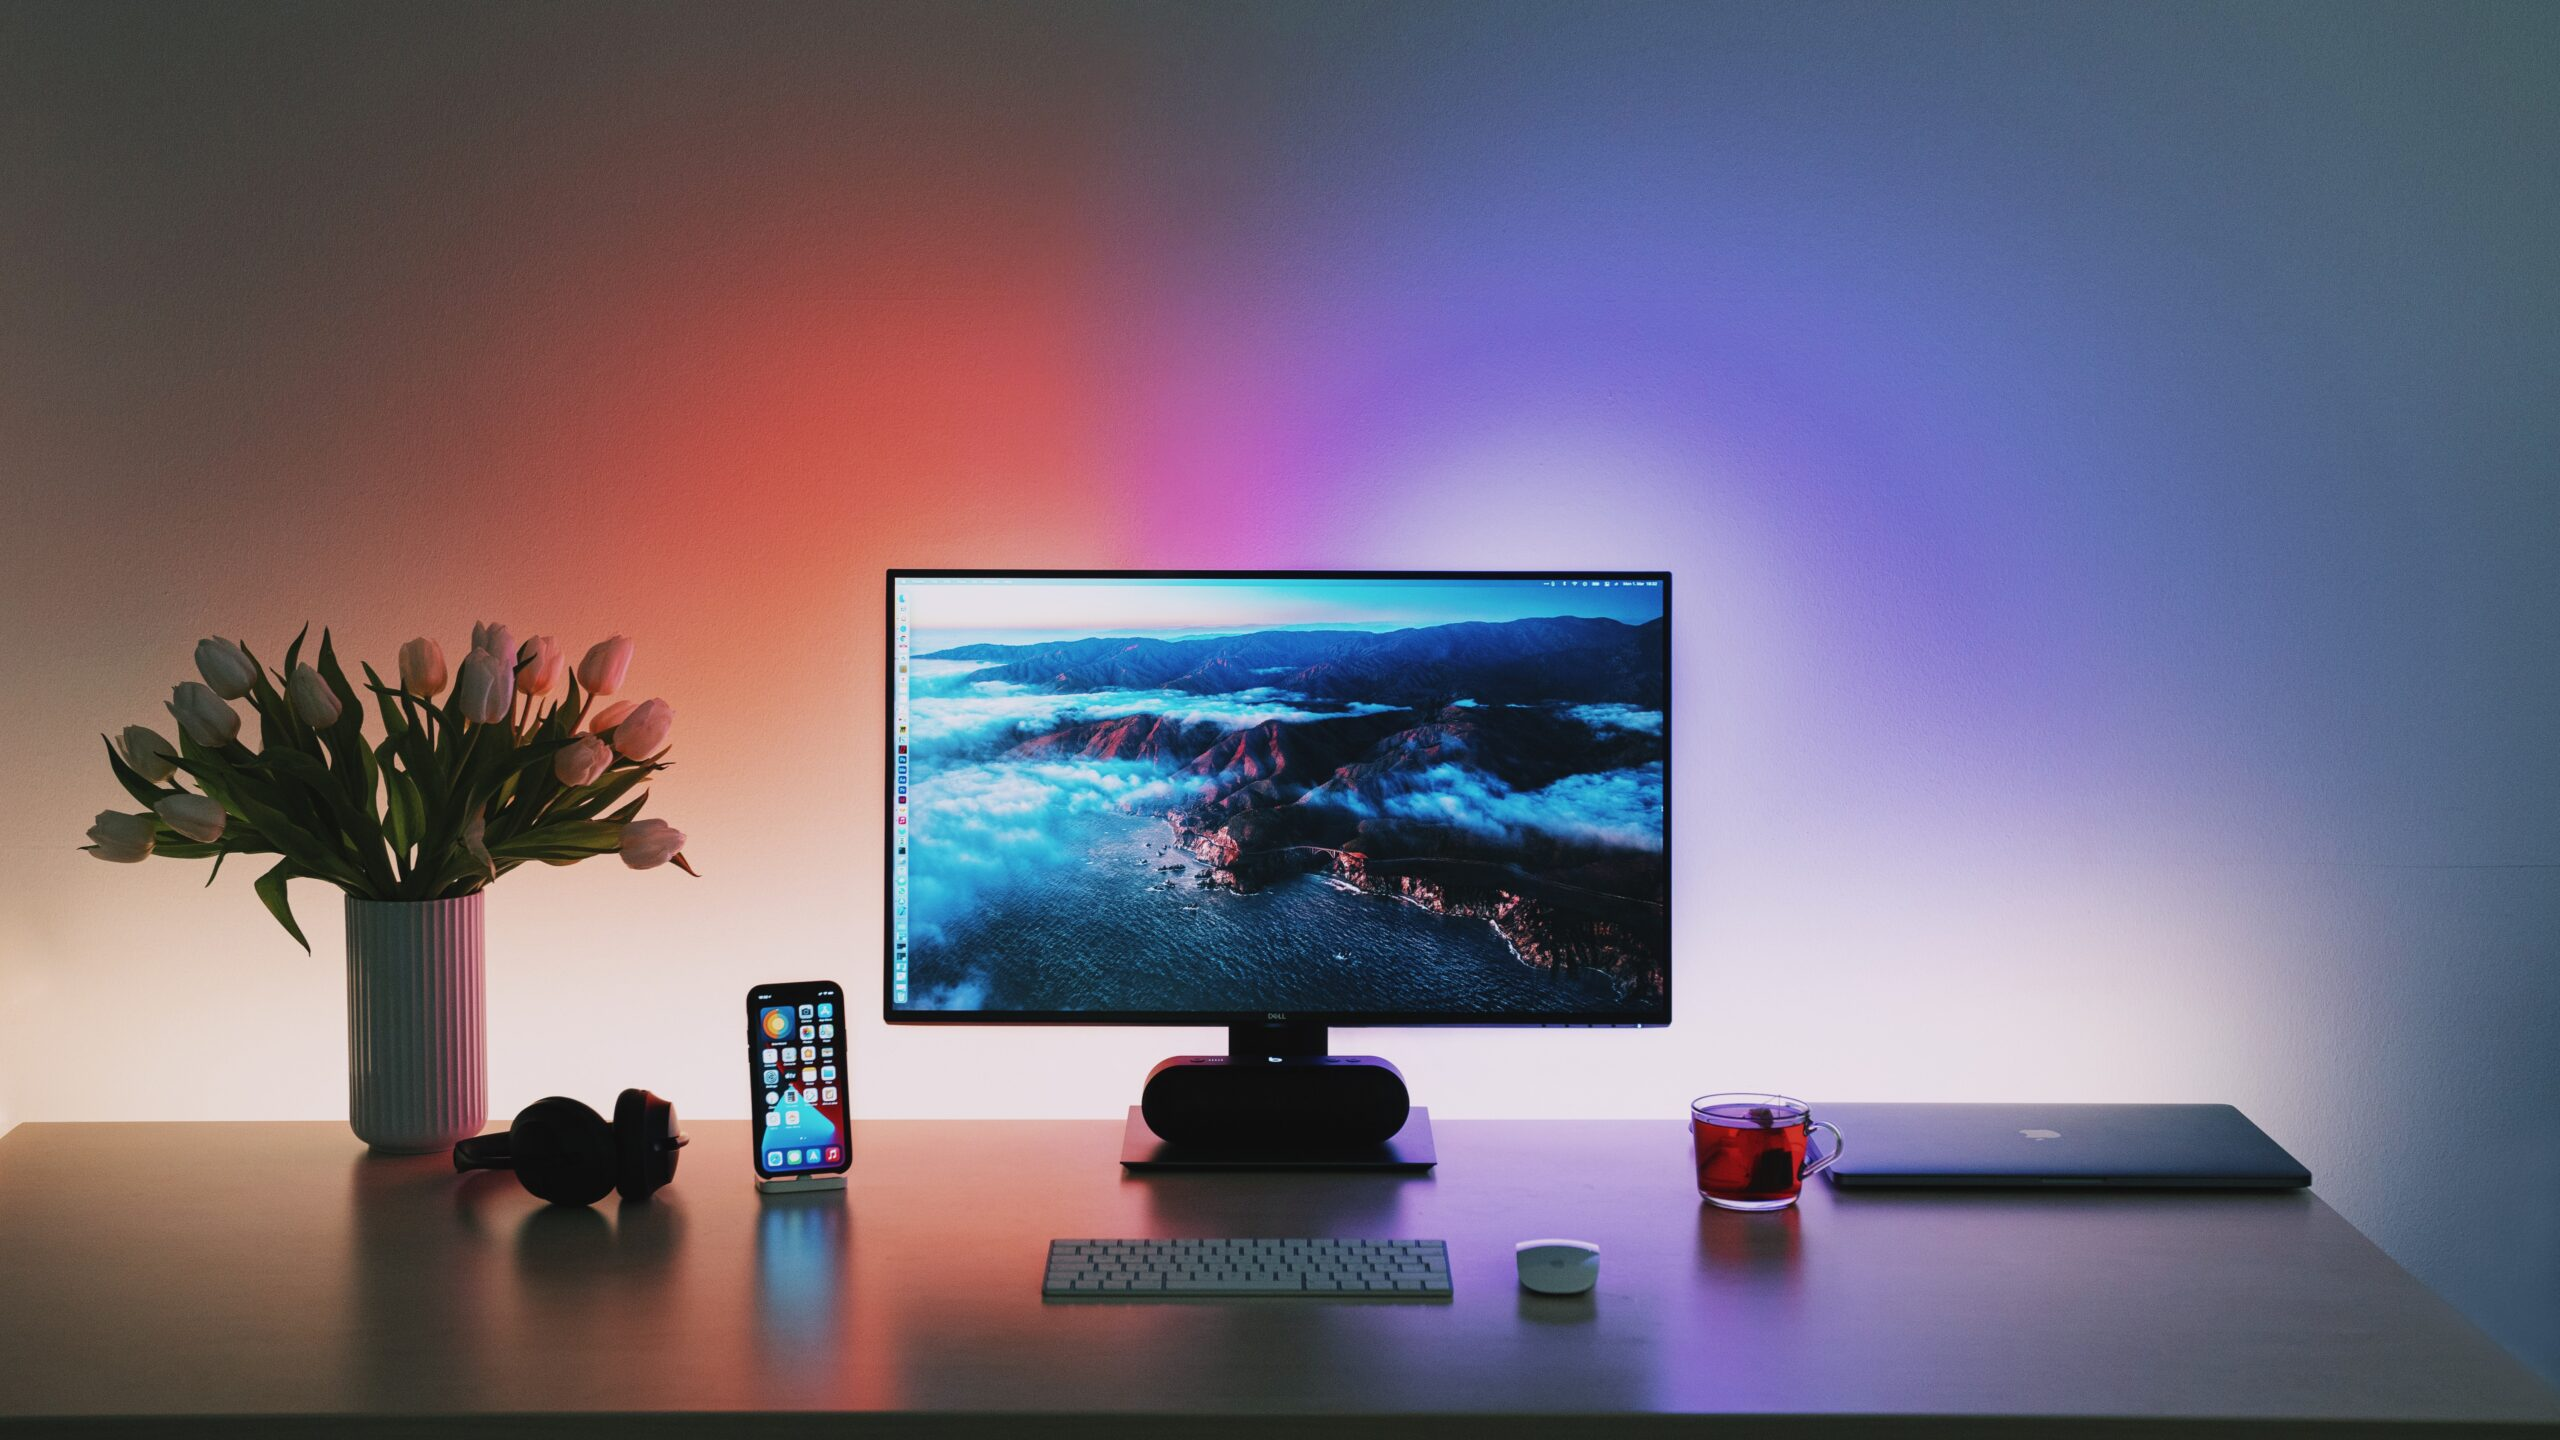 新MacOS「Monterey」の新機能とは?何ができるようになるのか知っておこう